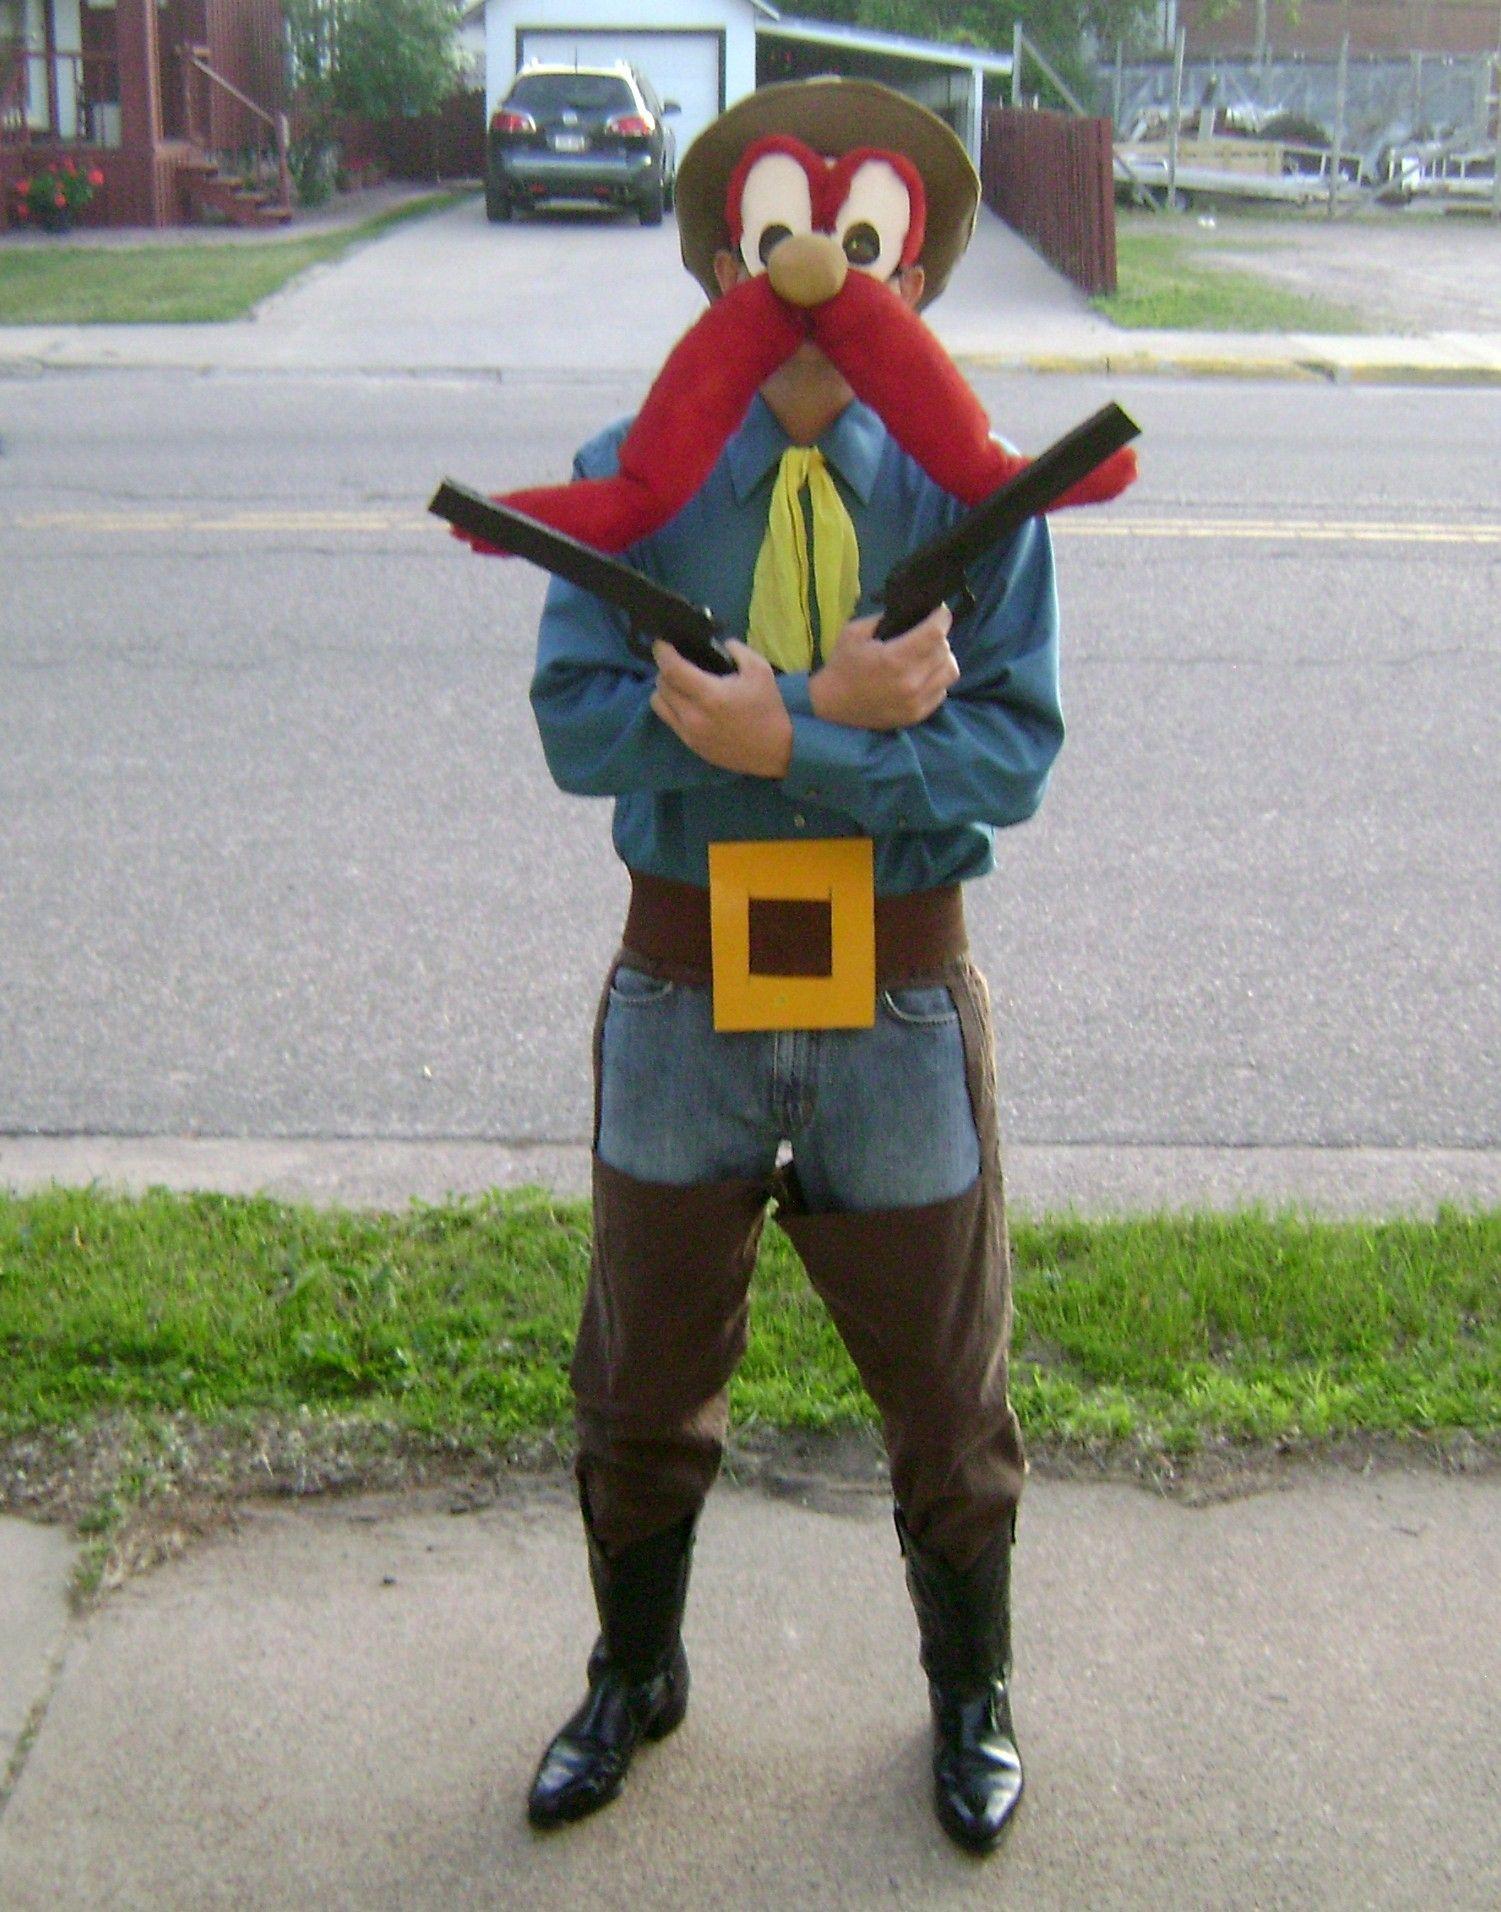 yosemite sam 2014 halloween costume contest via - Yosemite Sam Halloween Costume